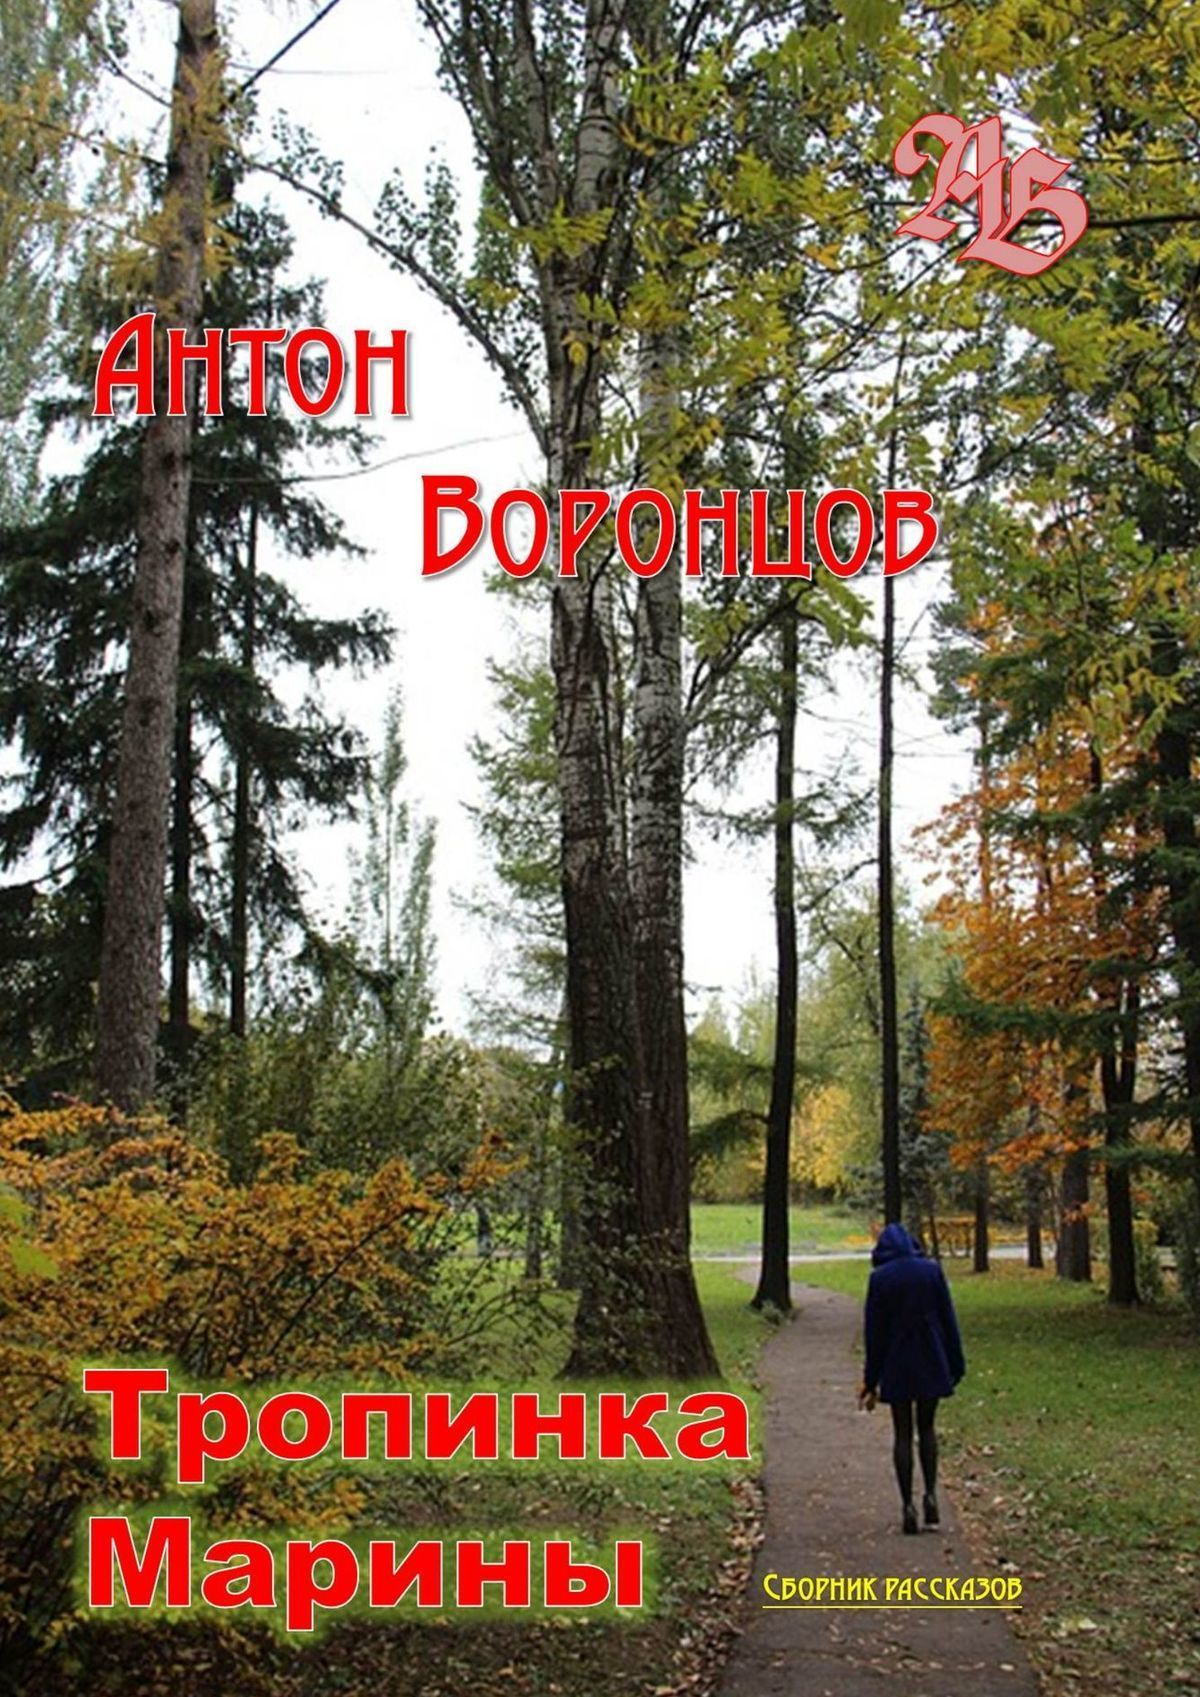 Антон Воронцов - Тропинка Марины. Сборник рассказов